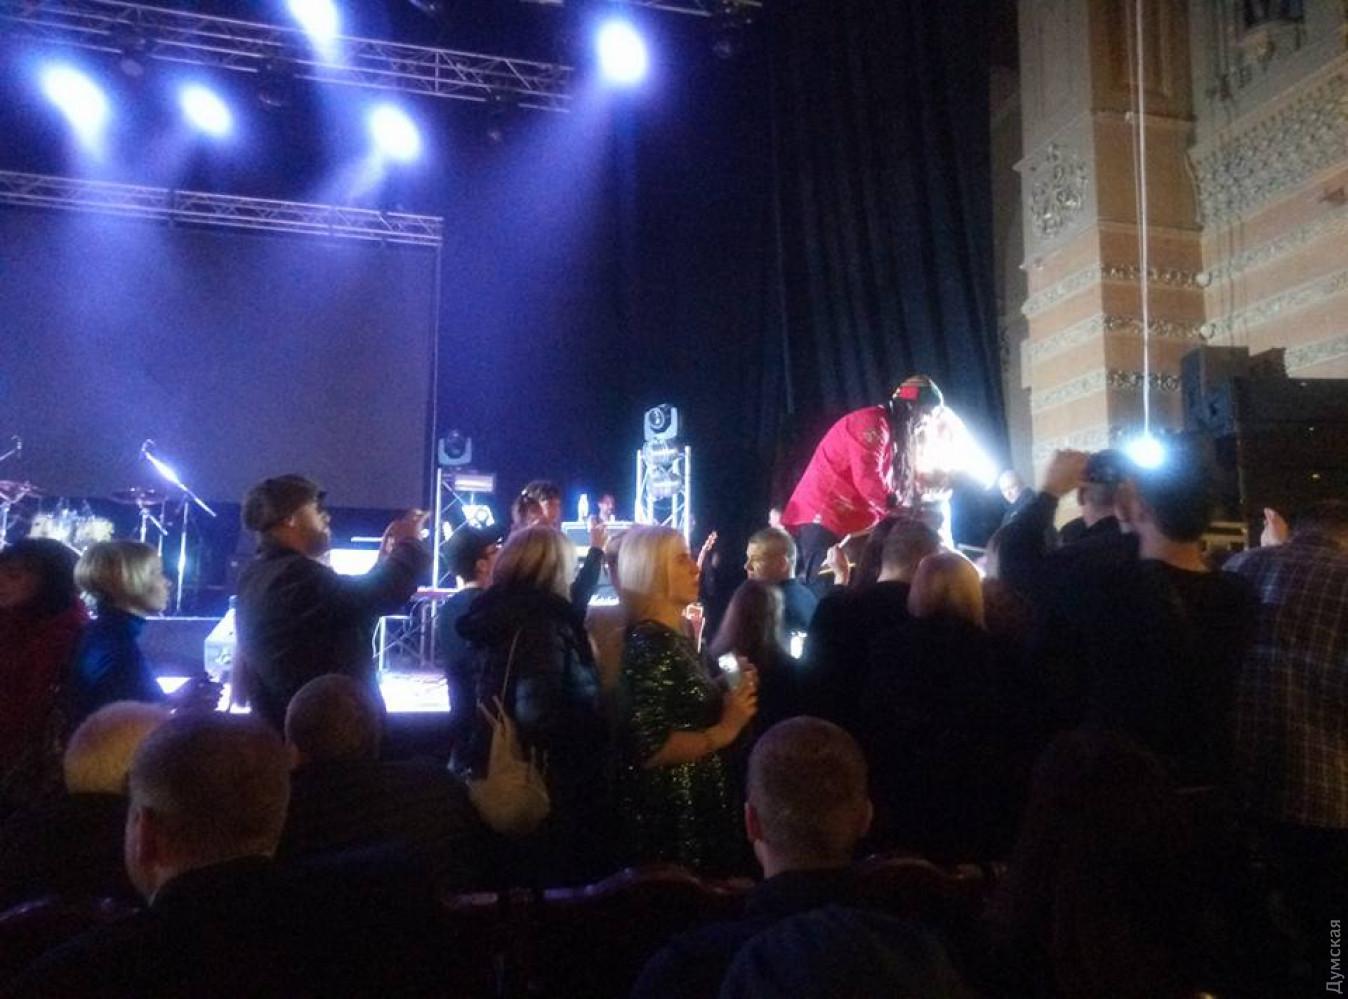 Милиция задержала поподозрению вмошенничестве организатора концерта вОдесской филармонии